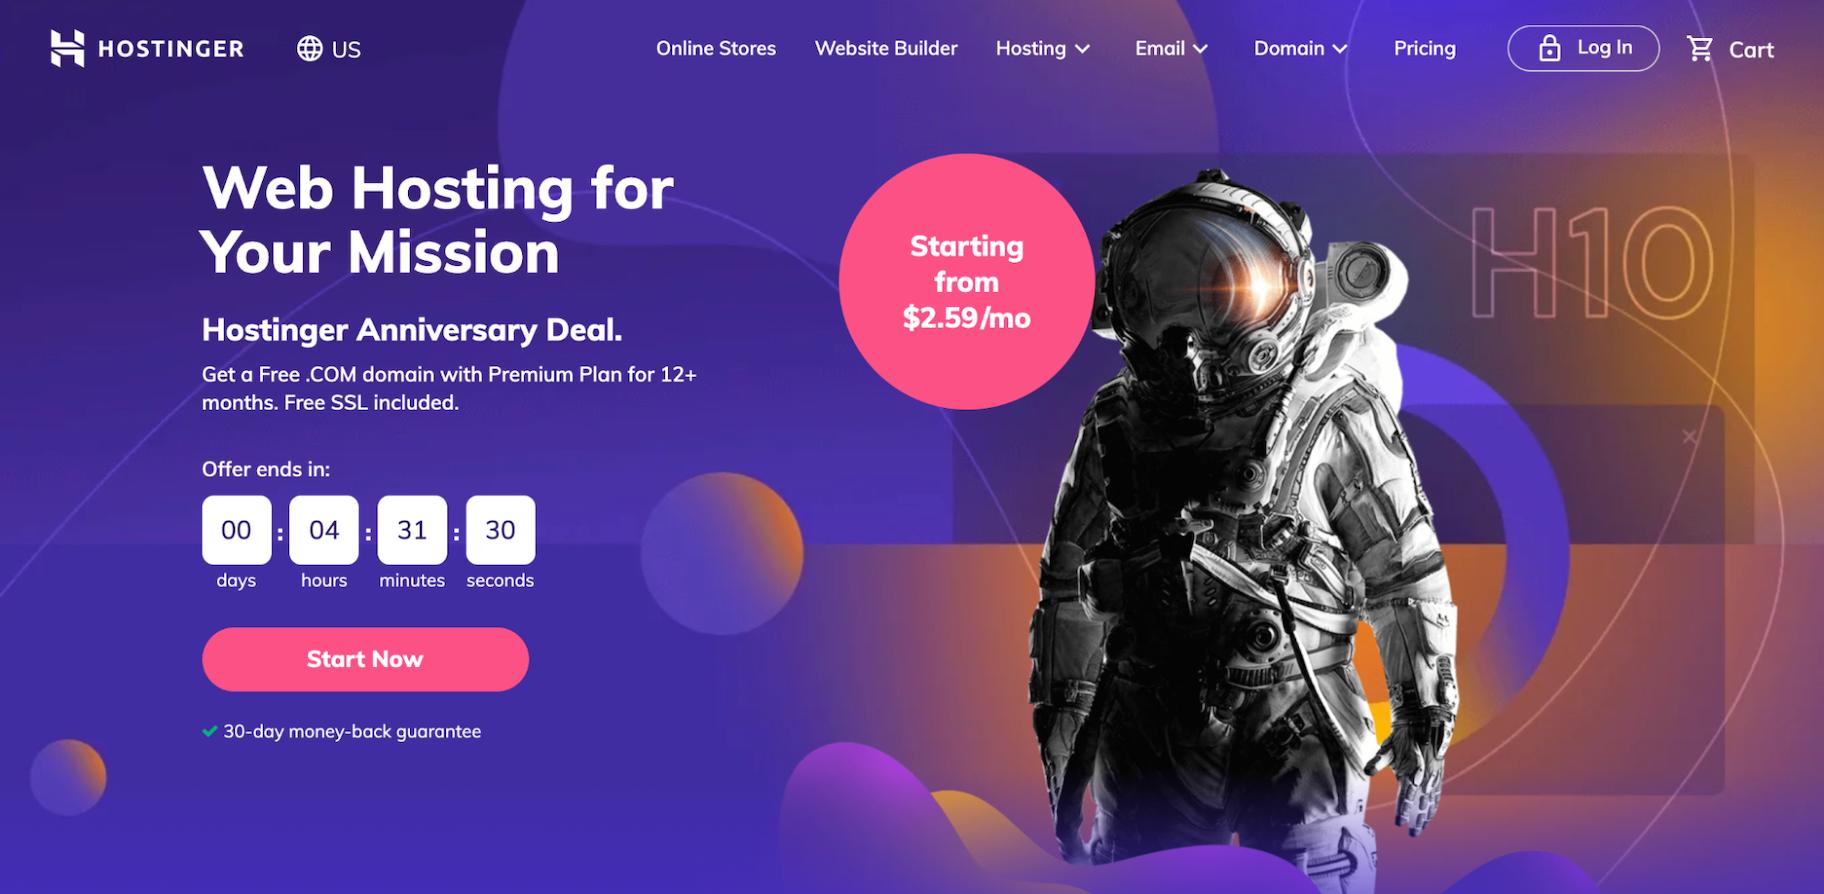 Best Web Hosting for Small Businesses: Hostinger